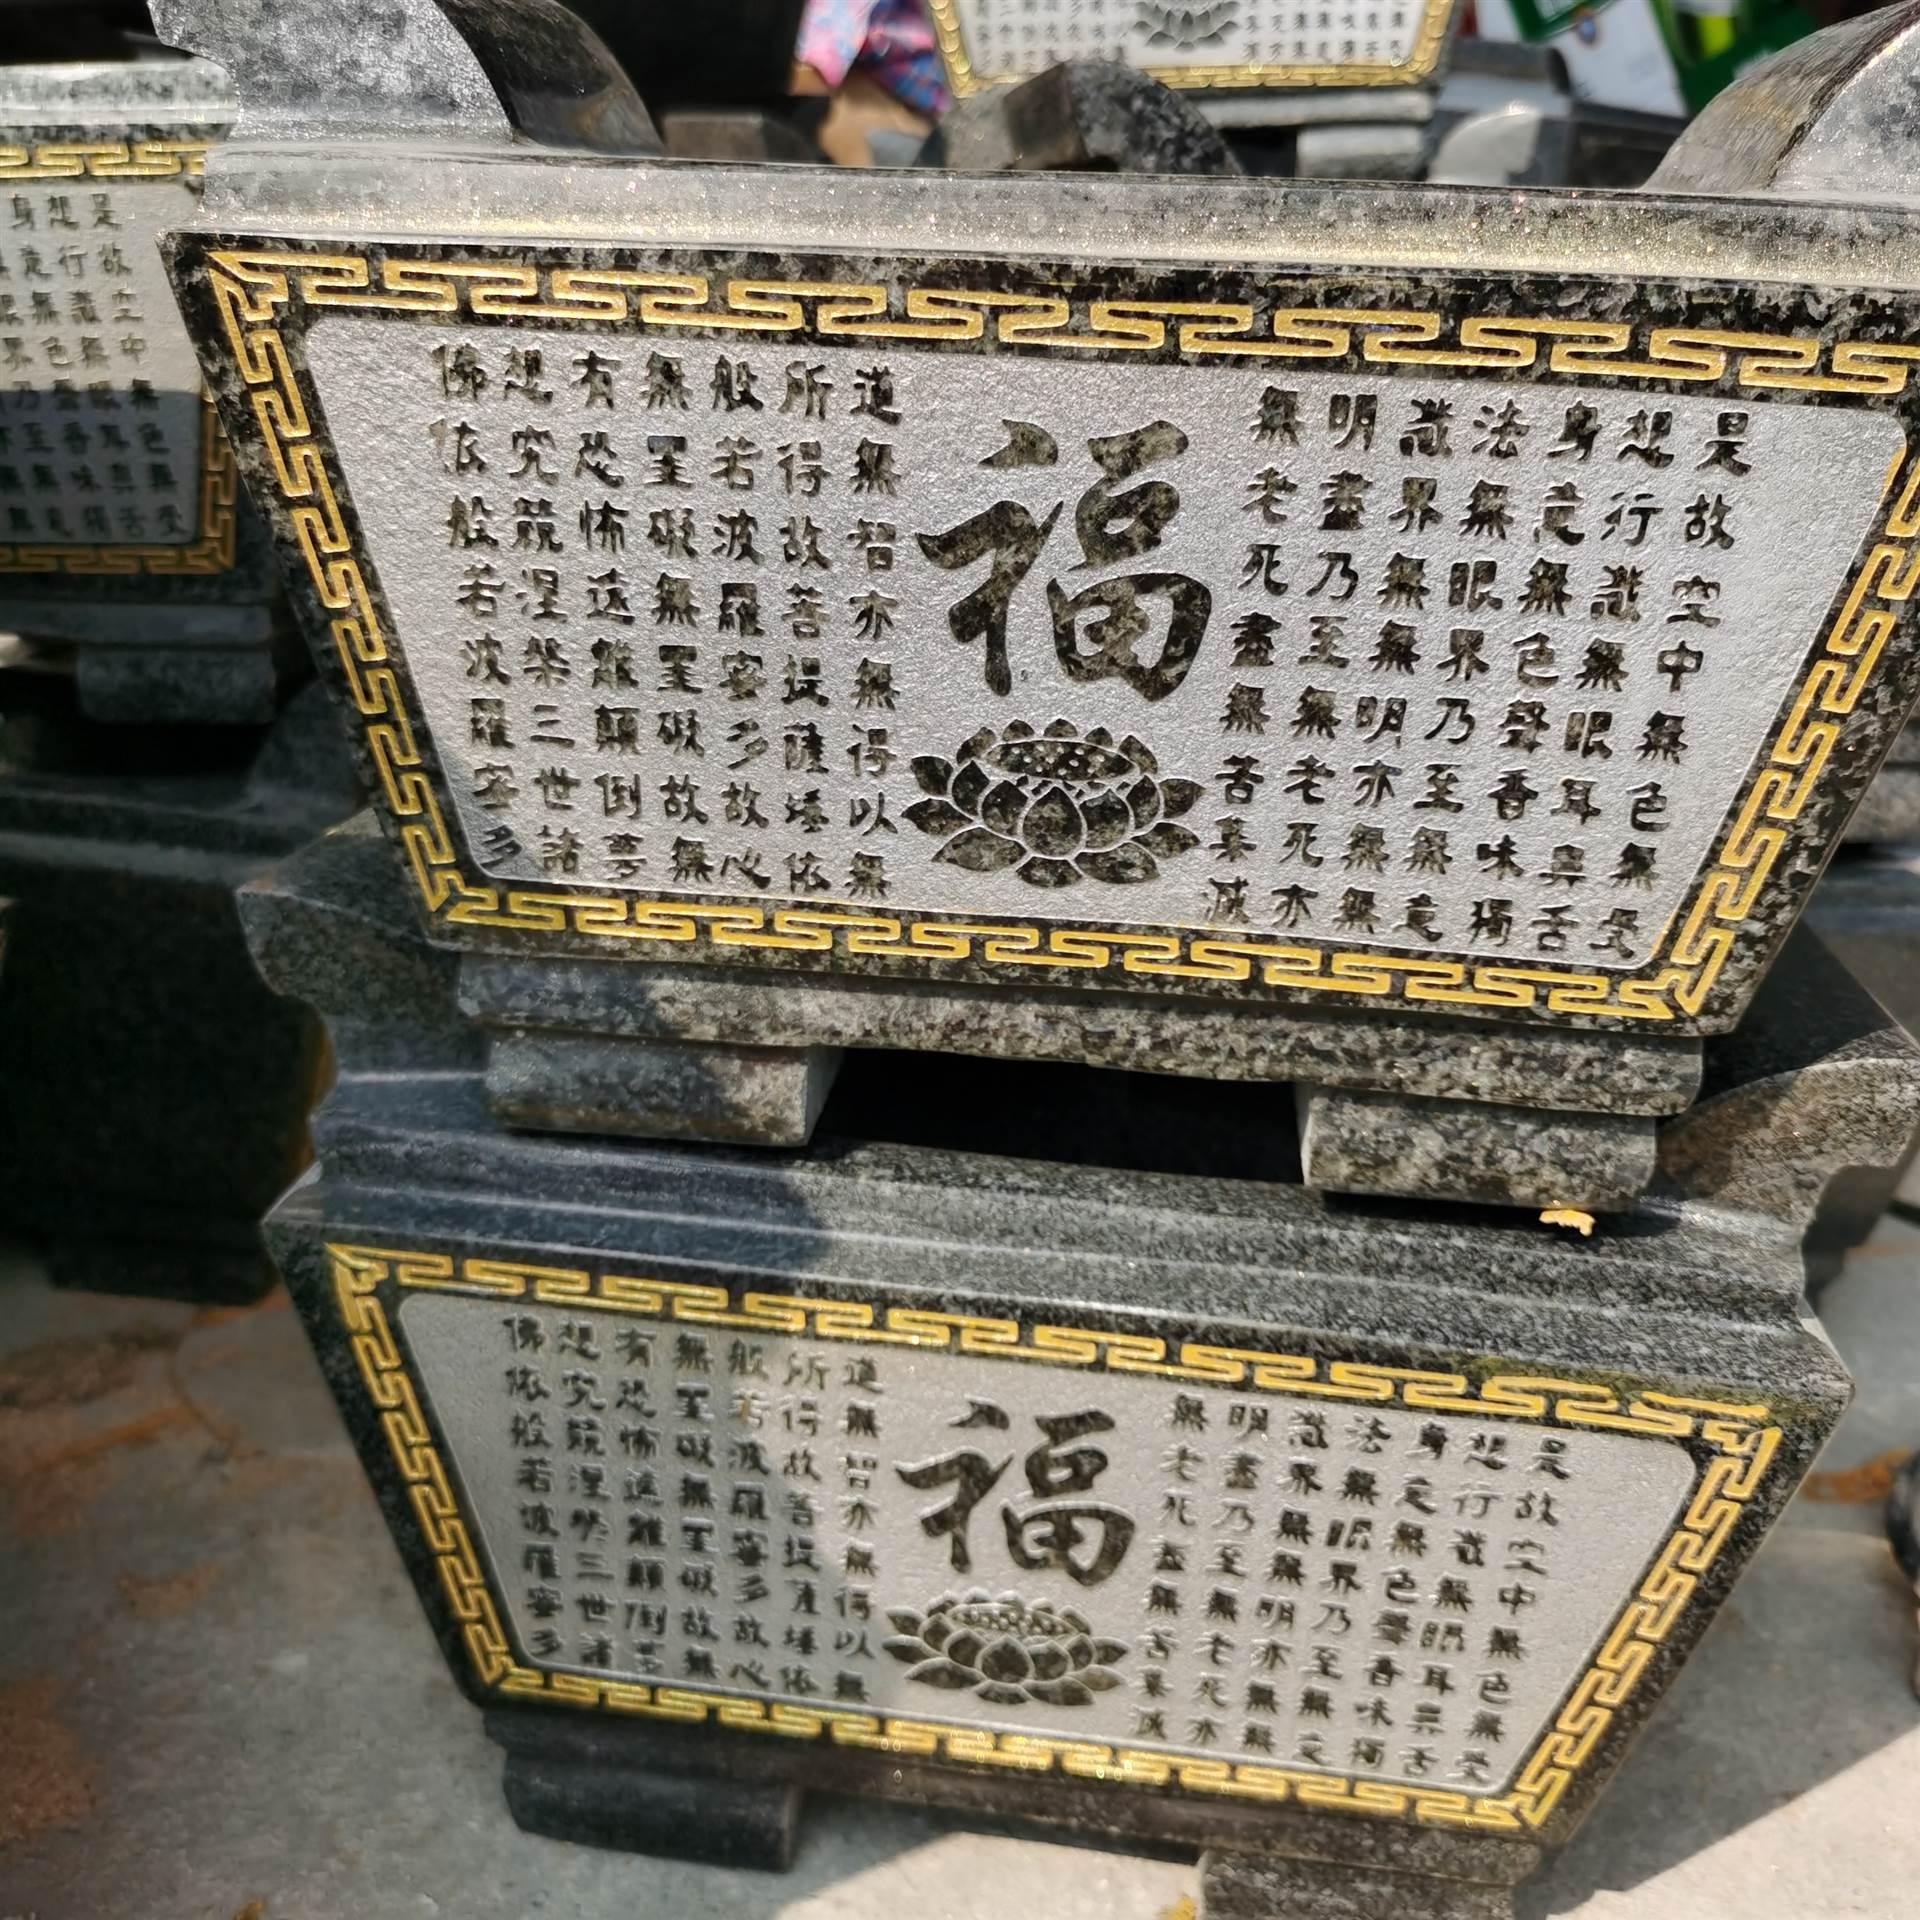 墓碑小香炉 645方形石雕香炉批发 惠安石雕香炉工厂